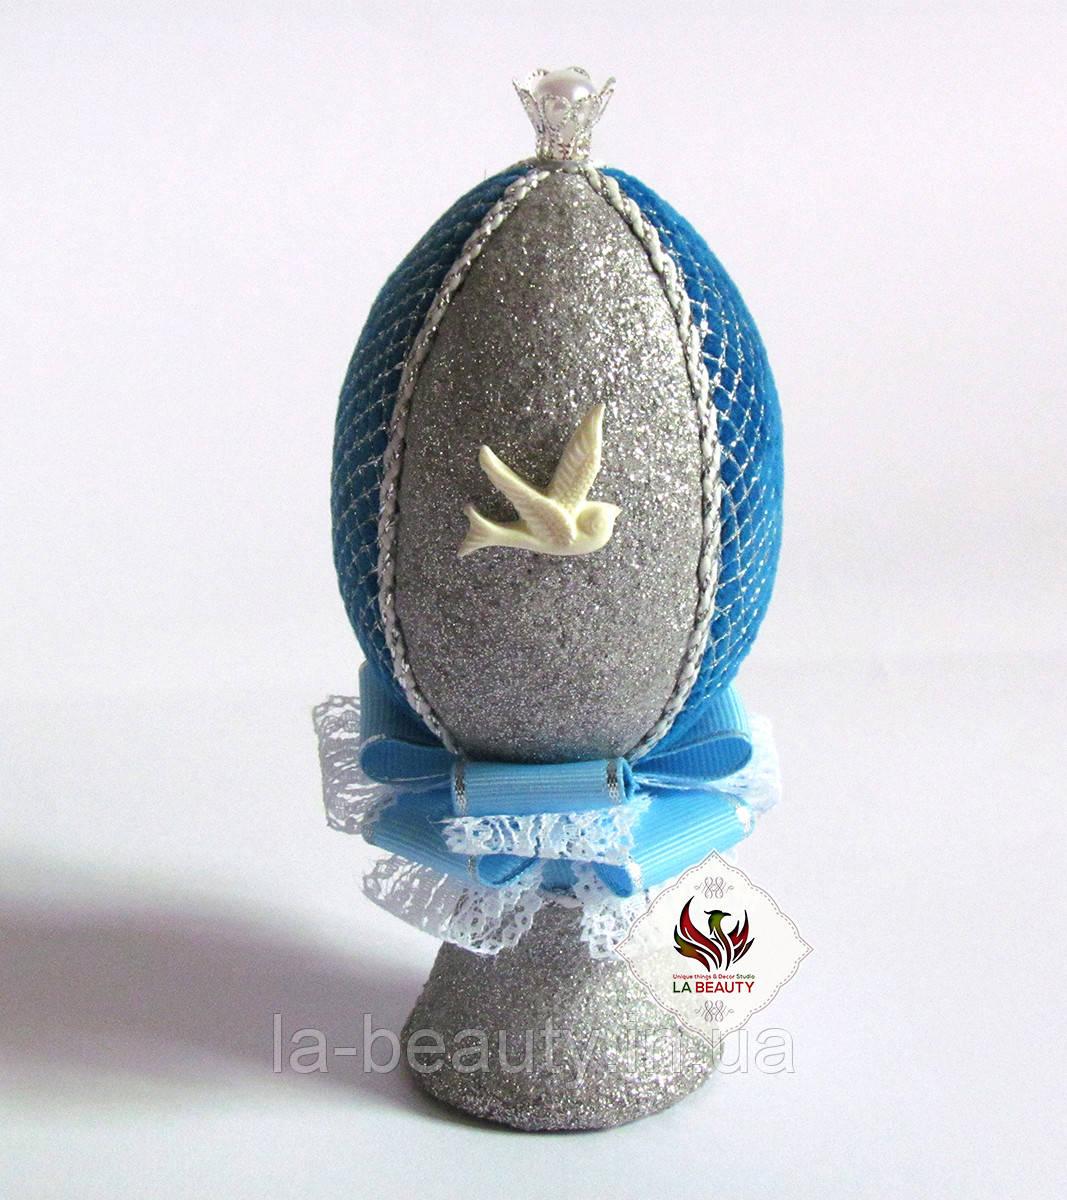 Декоративное яйцо Голубое серебро (пасхальное яйцо)